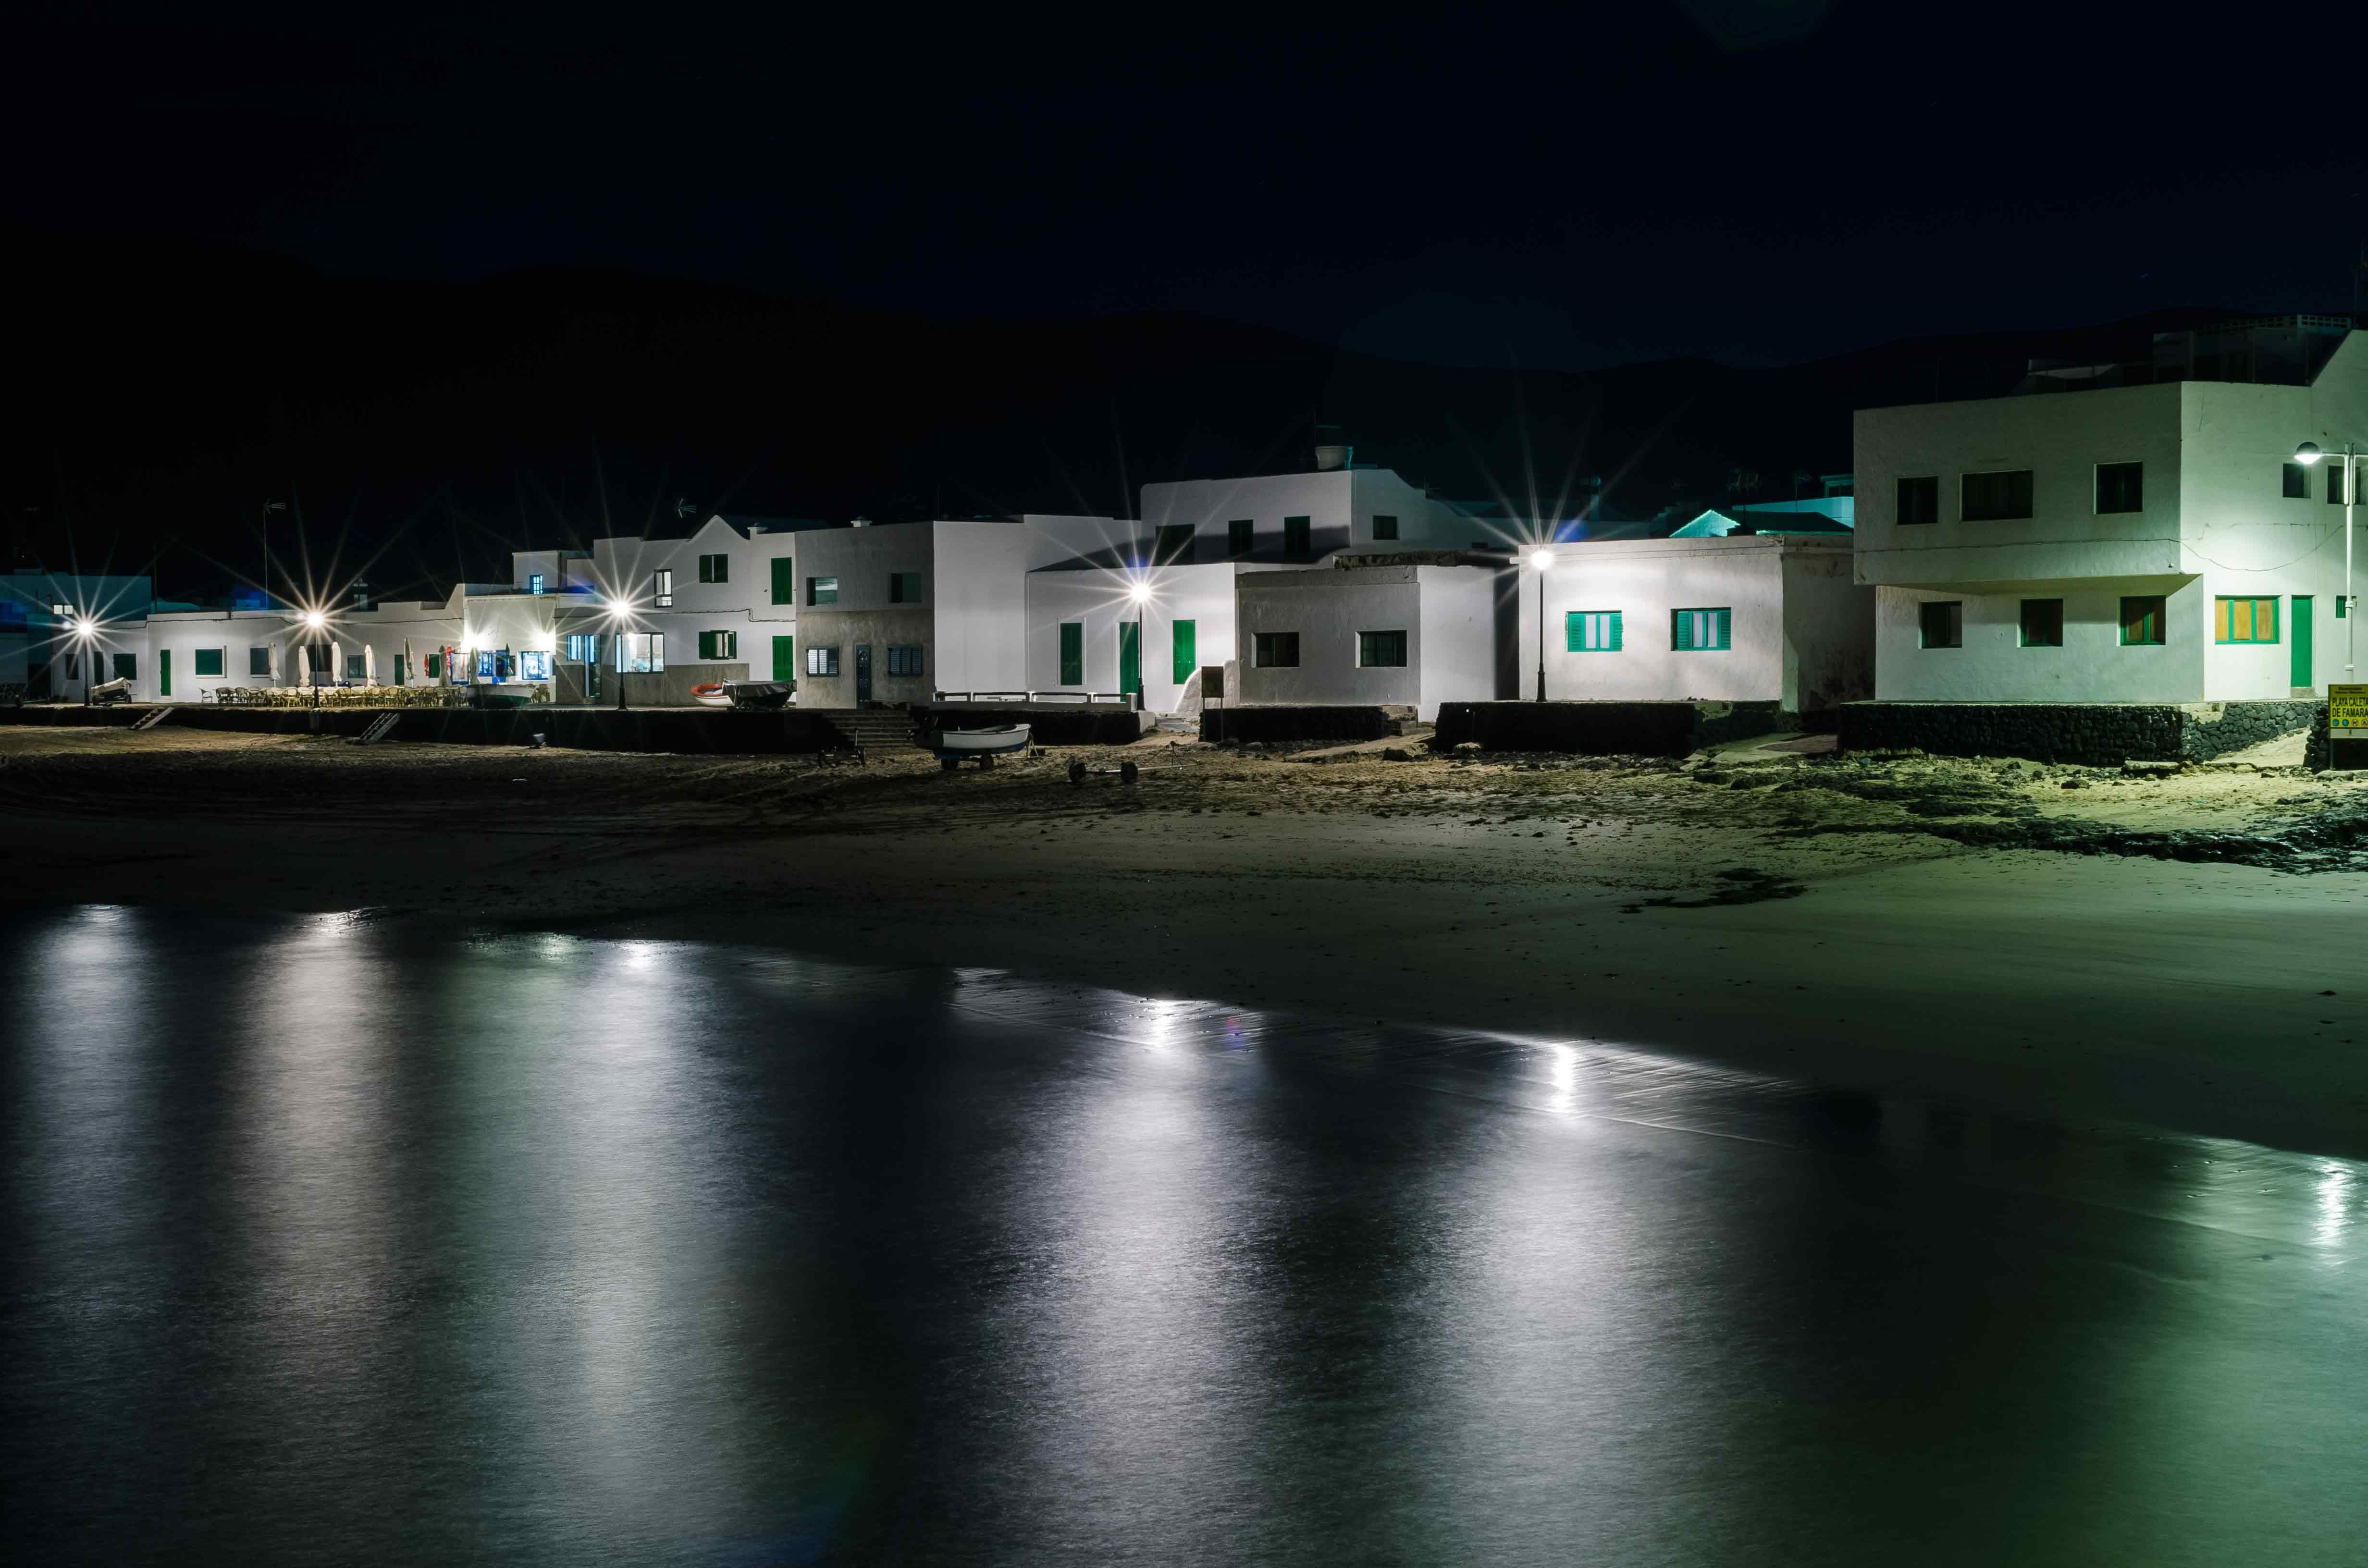 Casas blancas, mar negro